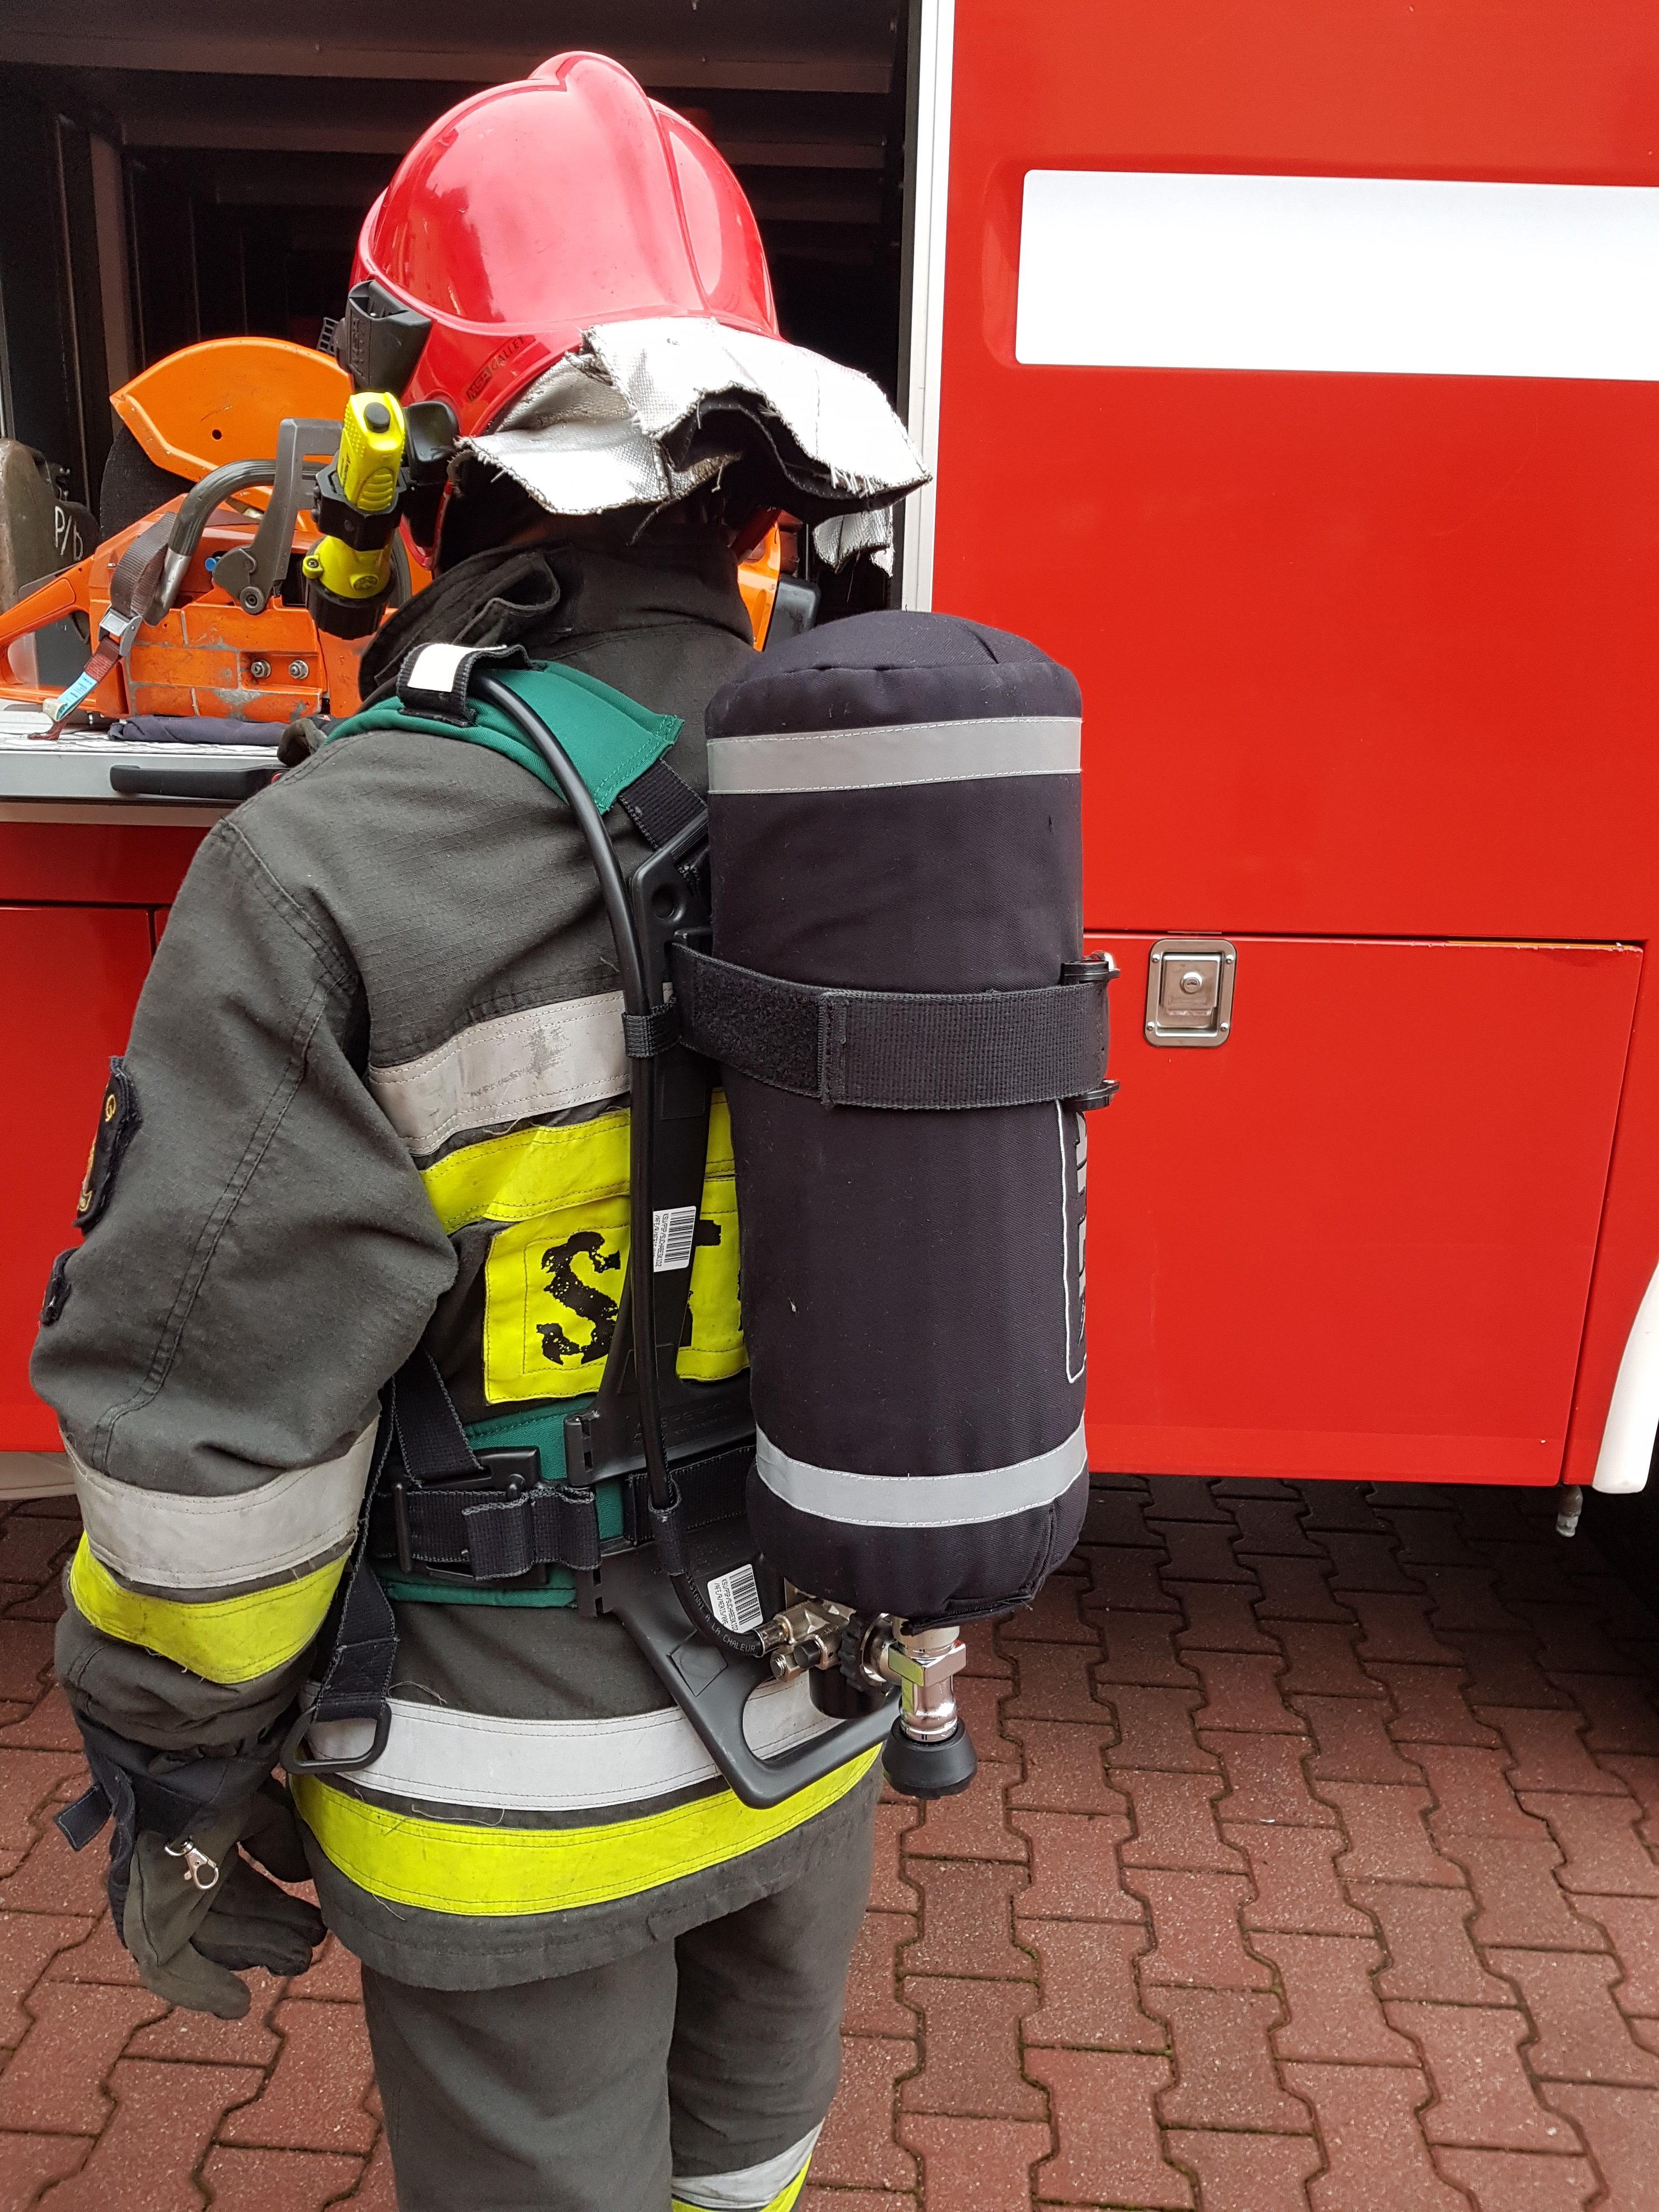 podłączenie strażaka randki aspie człowiek